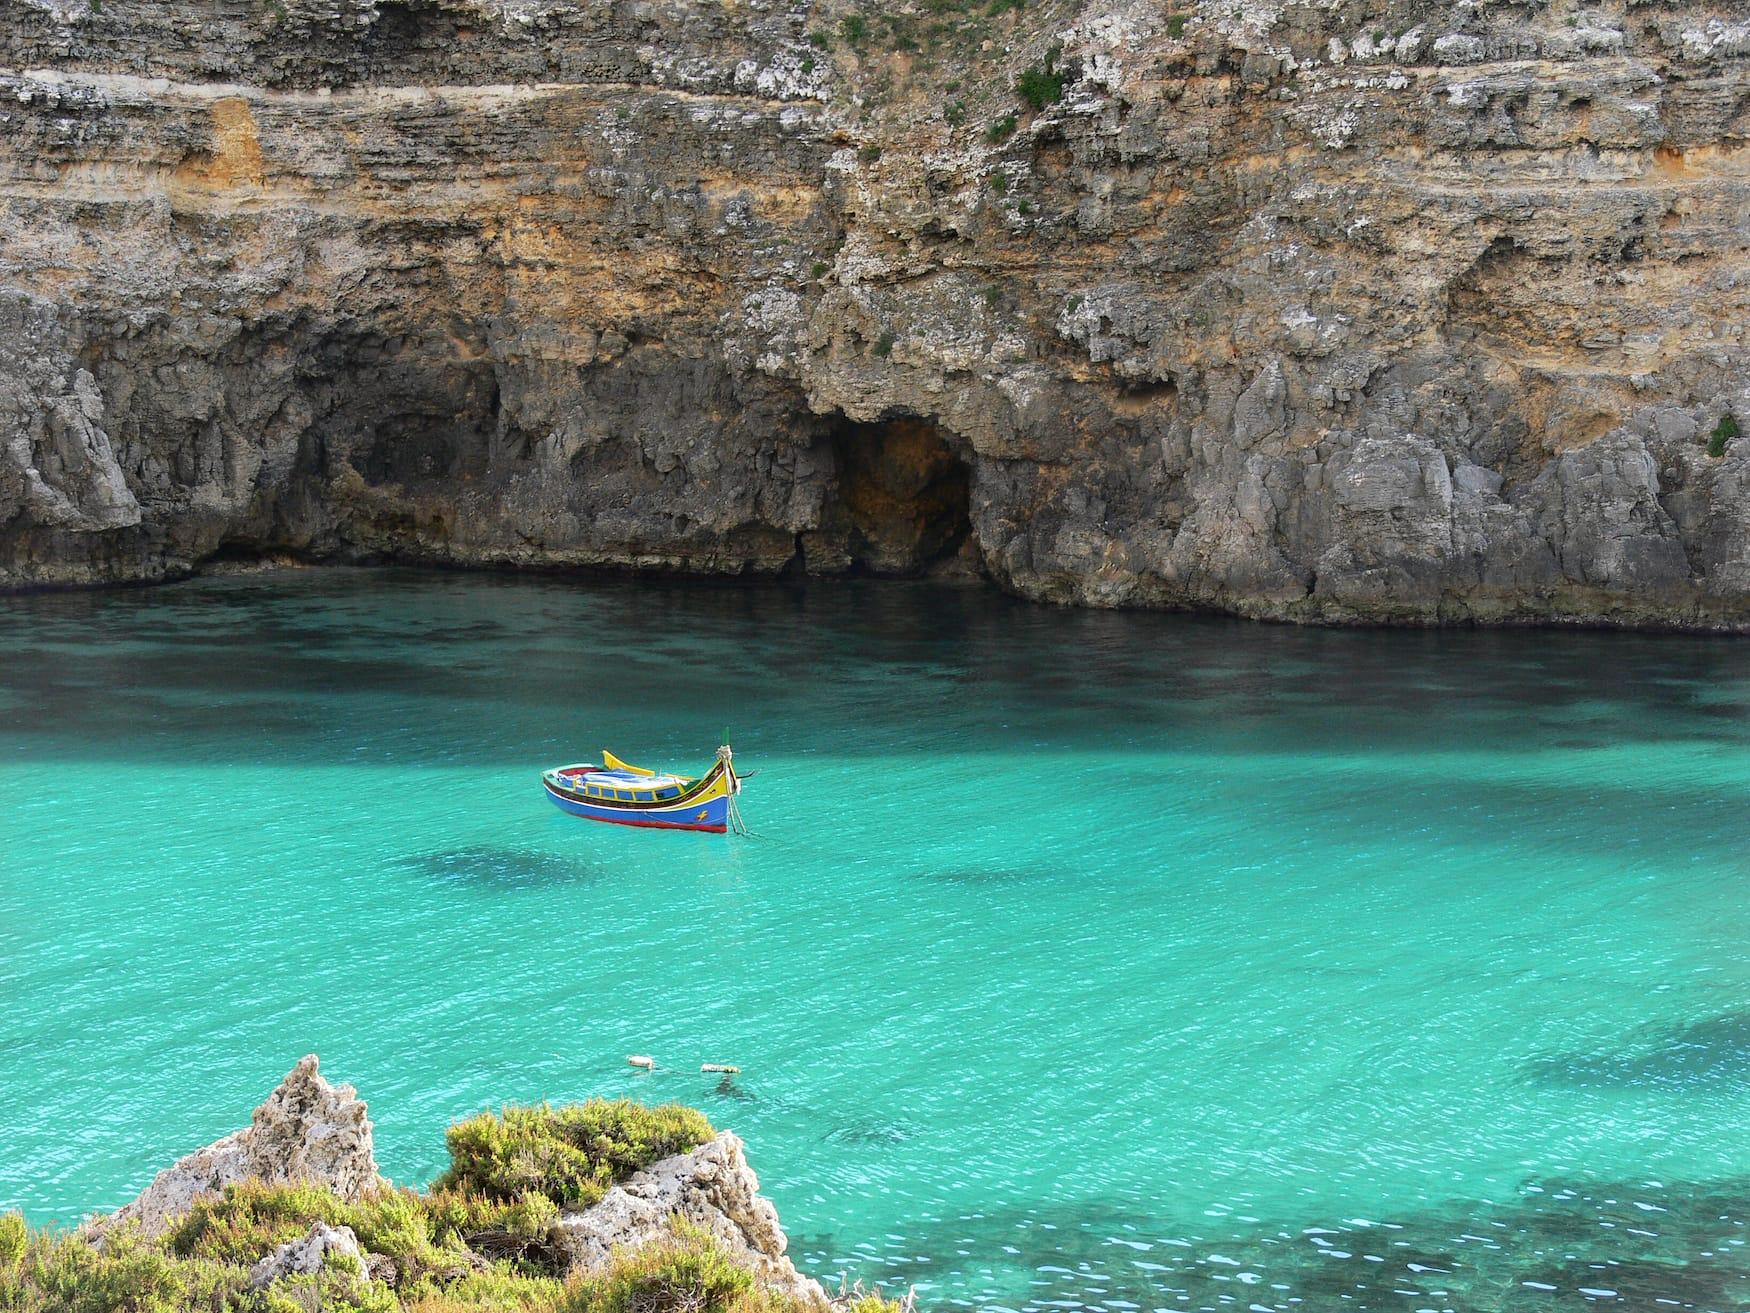 """Buntes maltesisches Fischerboot """"Iuzzu"""" schwimmt vor Anker im kristallklaren türkisfarbenen Wasser in einer Bucht der Insel Gozo"""